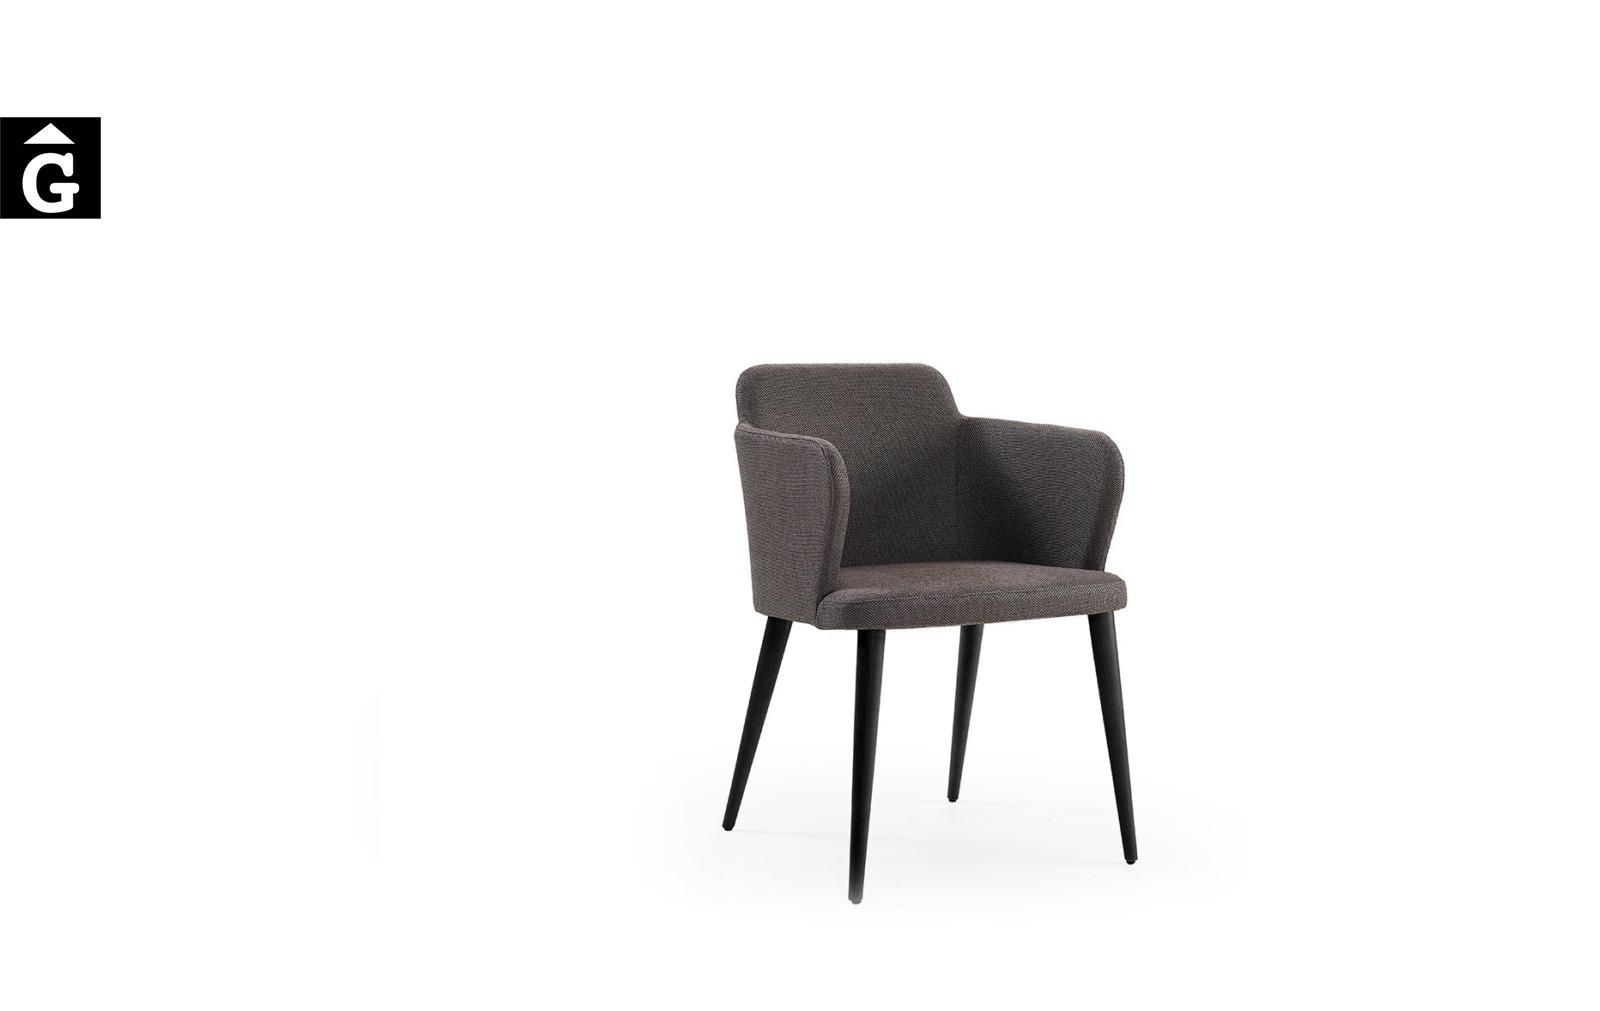 Cadira Evita MR fosca Doos by mobles Gifreu taules i cadires alta qualitat